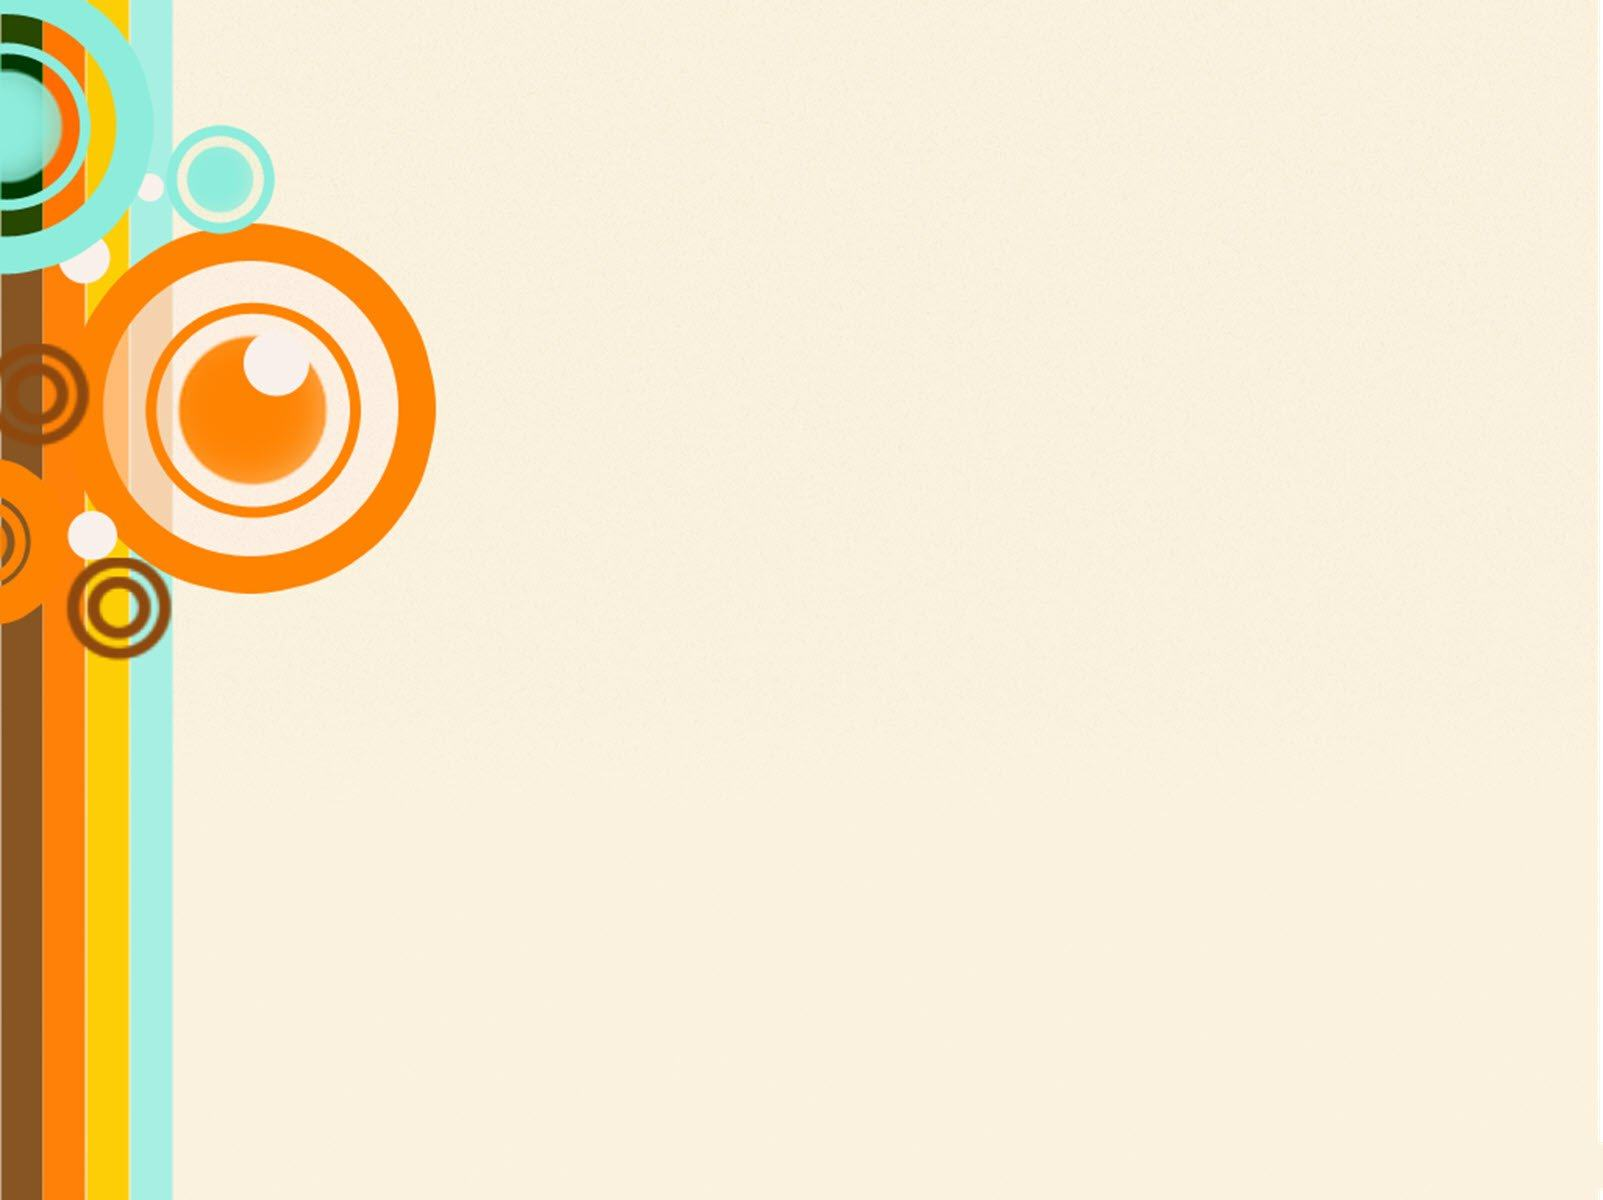 Backgroud Powerpoint thuyết trình đẹp - vòng tròn cam